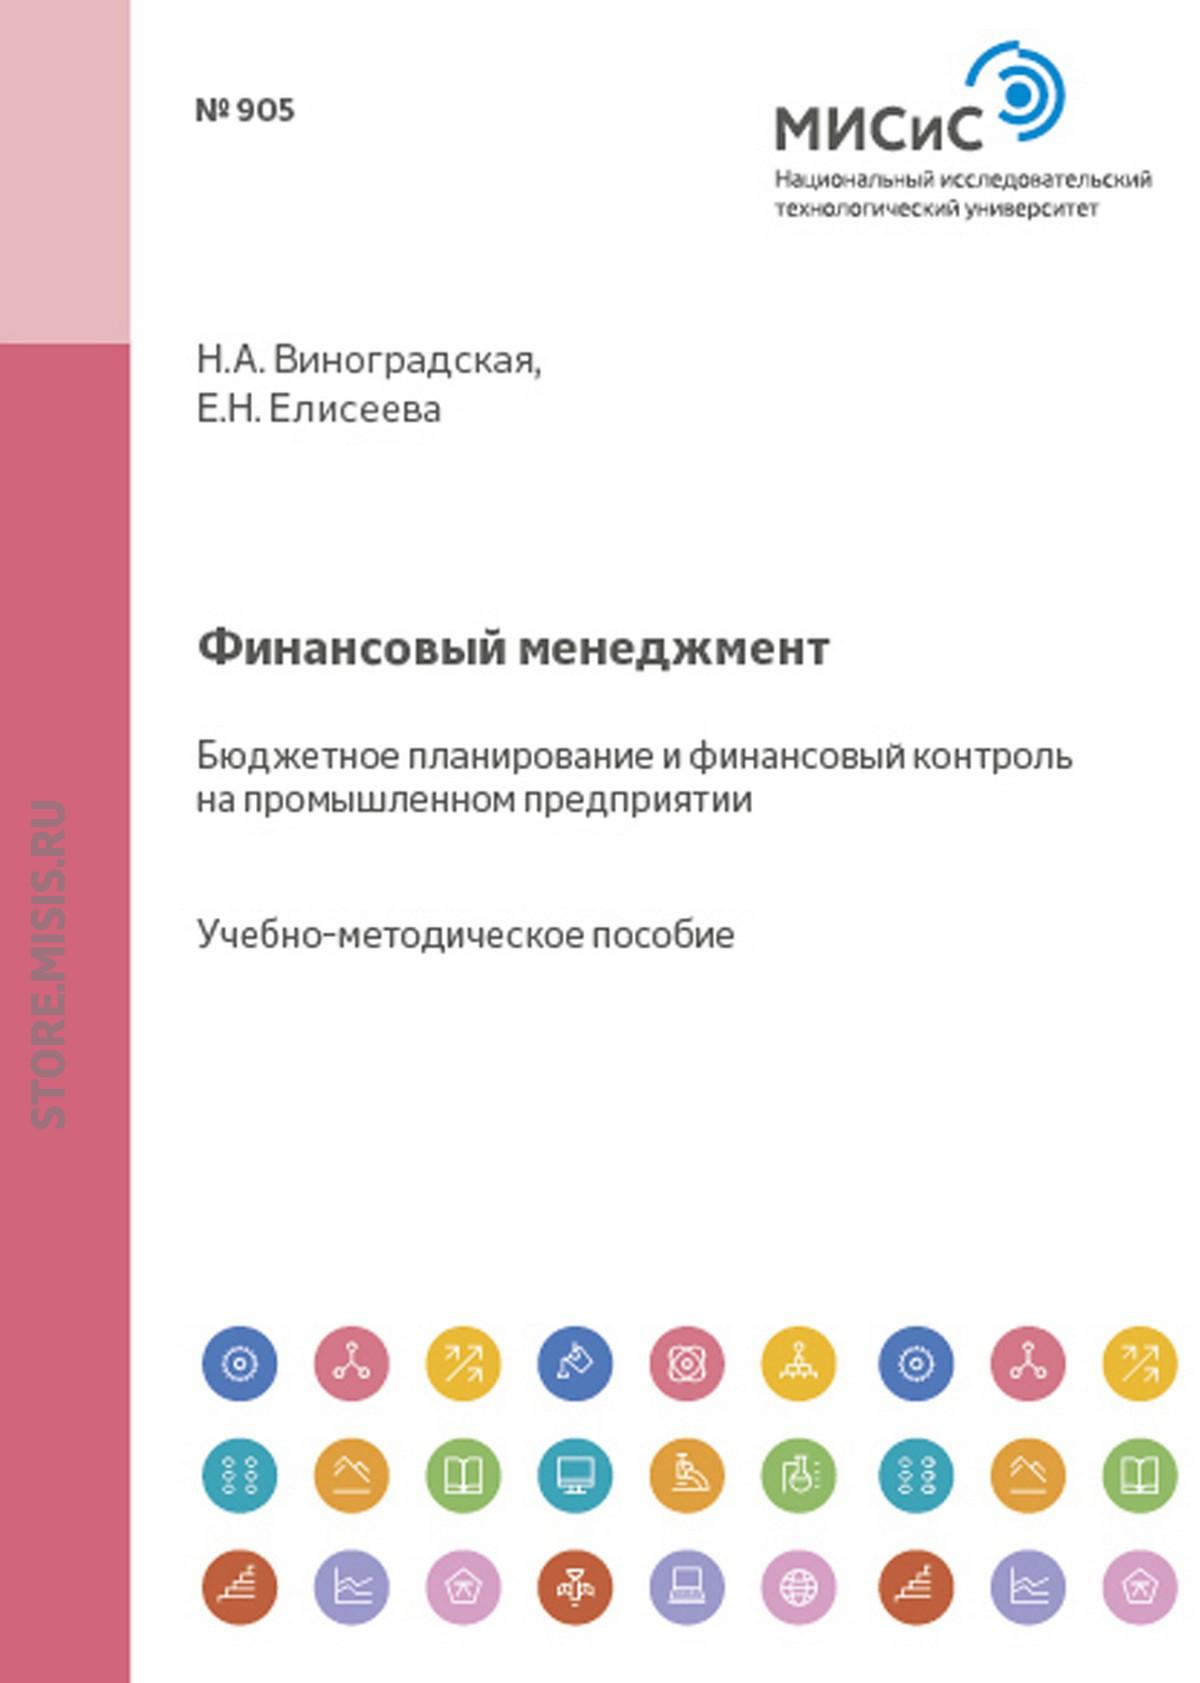 Е. Н. Елисеева Финансовый менеджмент. Бюджетное планирование и финансовый контроль на промышленном предприятии евгения елисеева финансовый менеджмент бюджетное планирование и финансовый контроль на промышленном предприятии